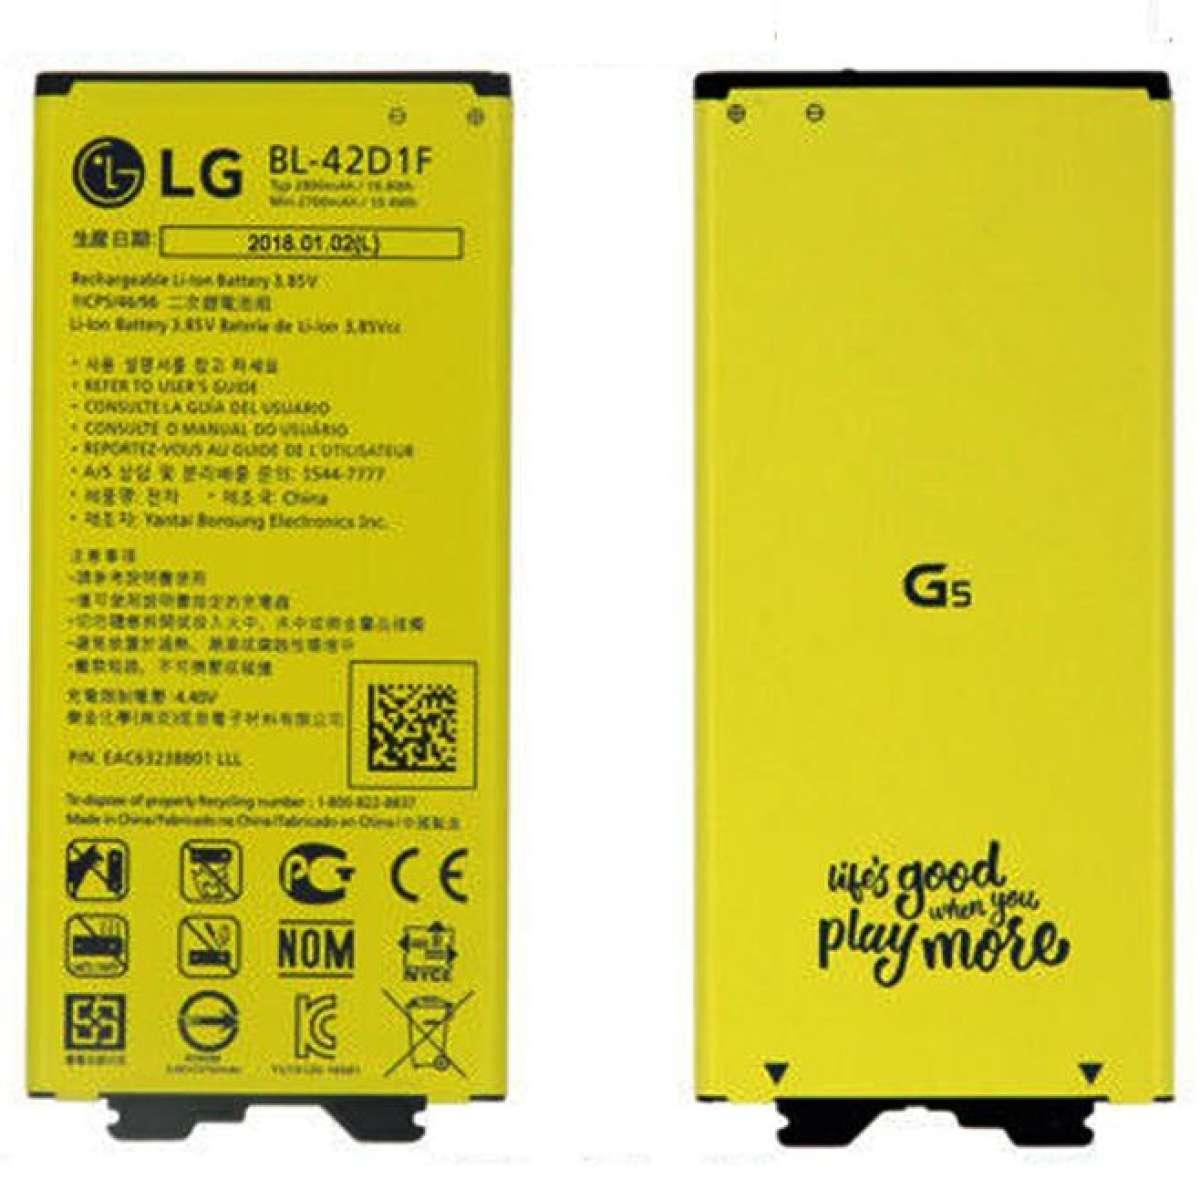 LG MOBILE BATTERY BL-42D1F G5